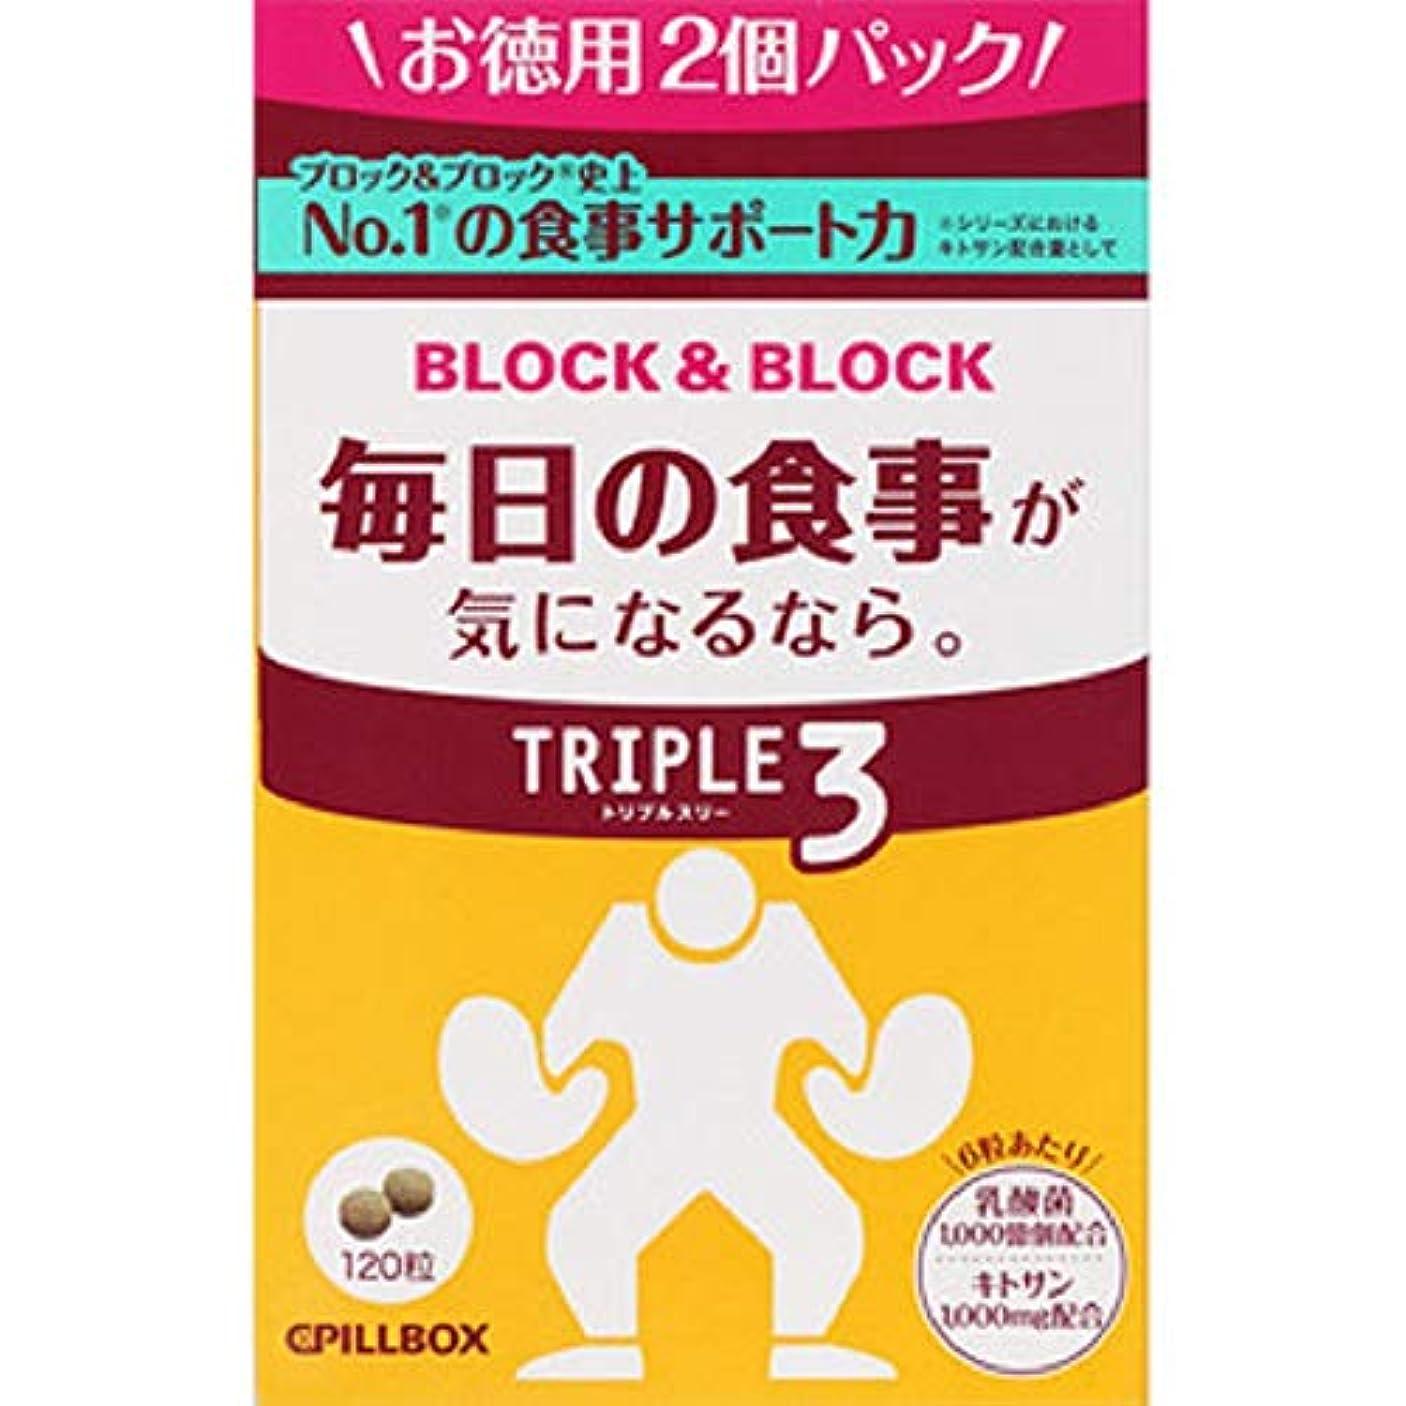 間違えた肥満通行料金ピルボックスジャパン ブロック&ブロック トリプル3 お徳用パック 60粒x2個入り